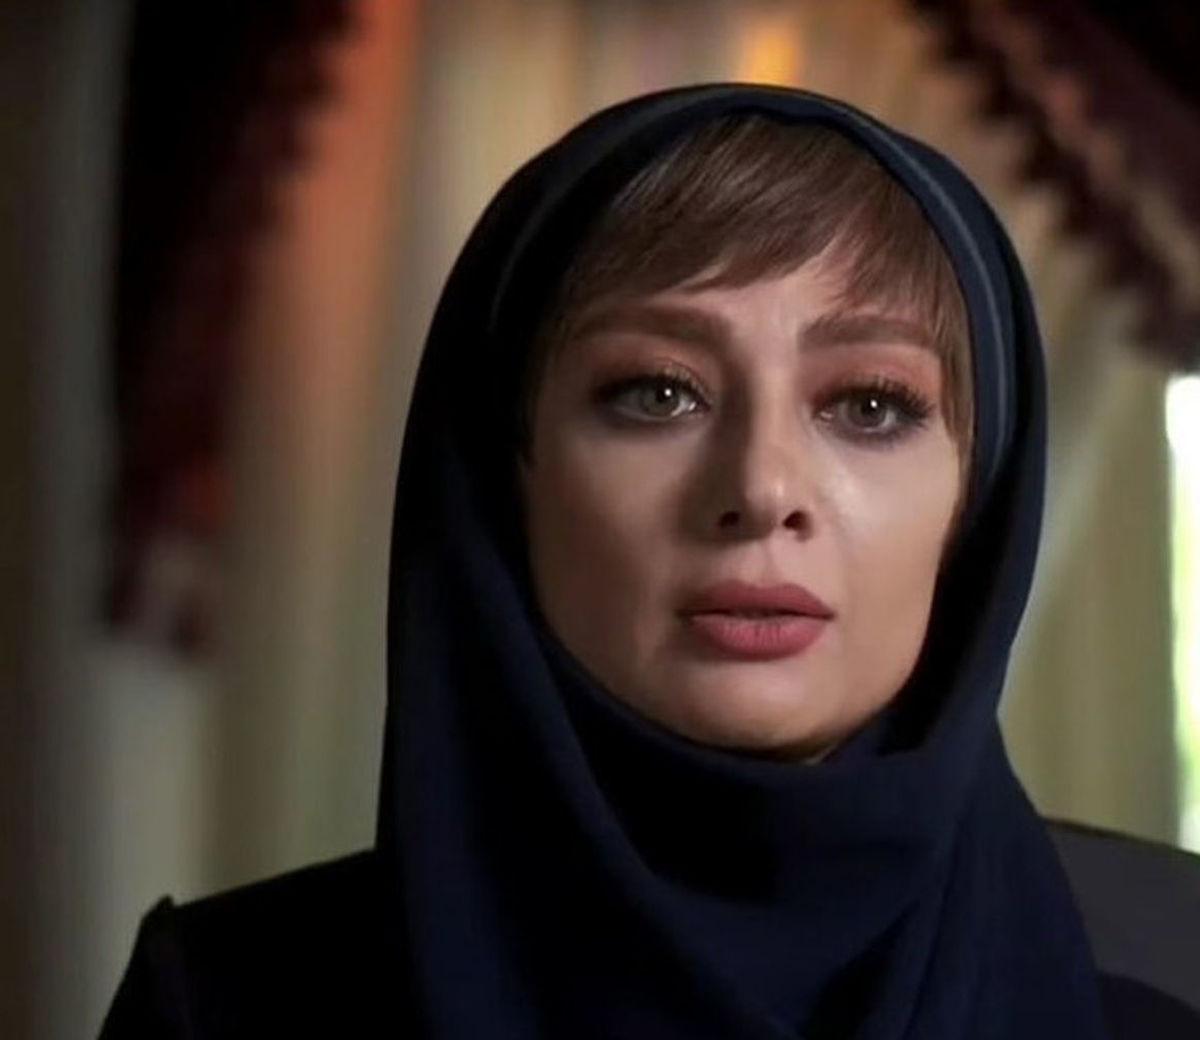 فیلم خوانندگی یکتا ناصر غوغا کرد